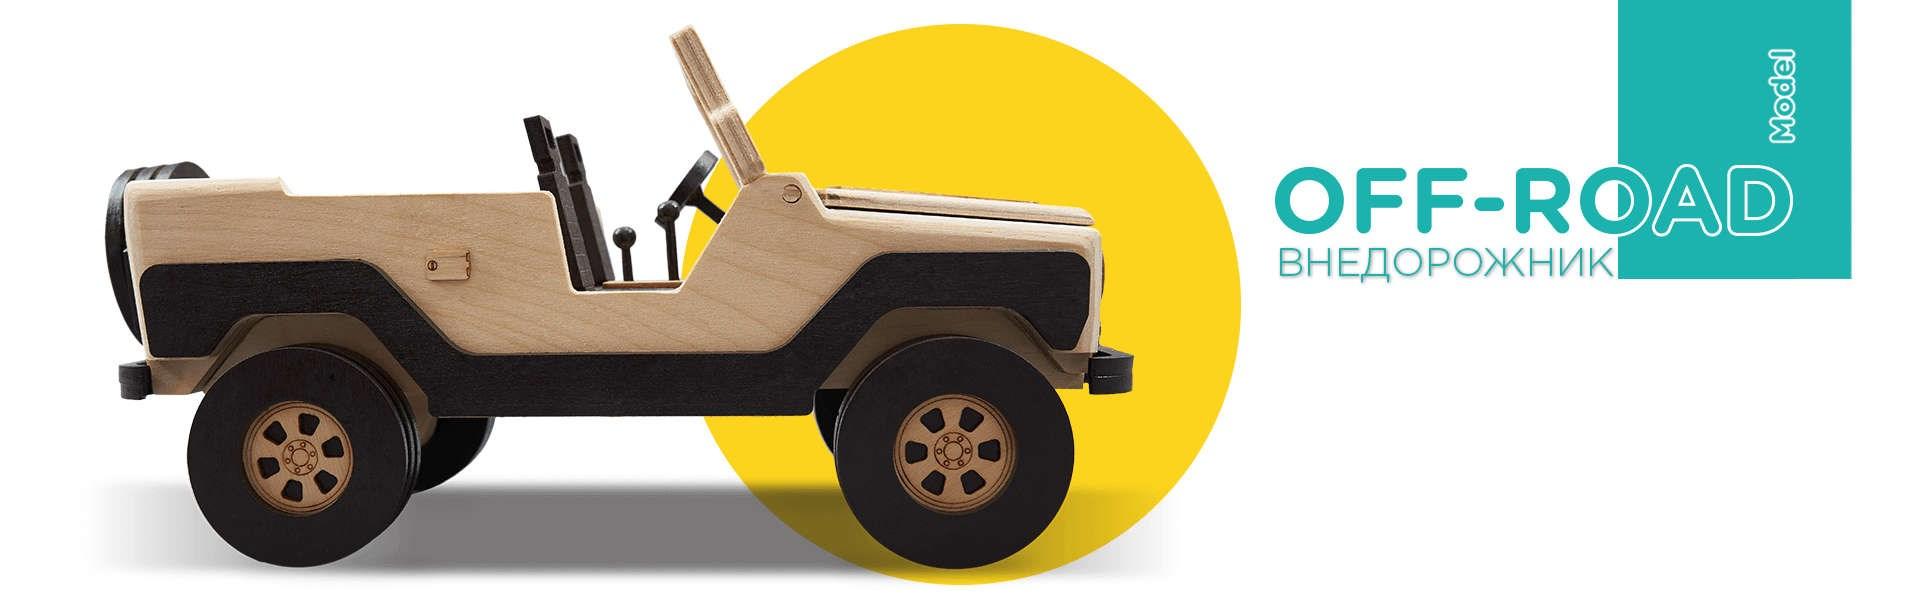 Сборная модель T.A.R.G. Off-road, Внедорожник - фото 4956